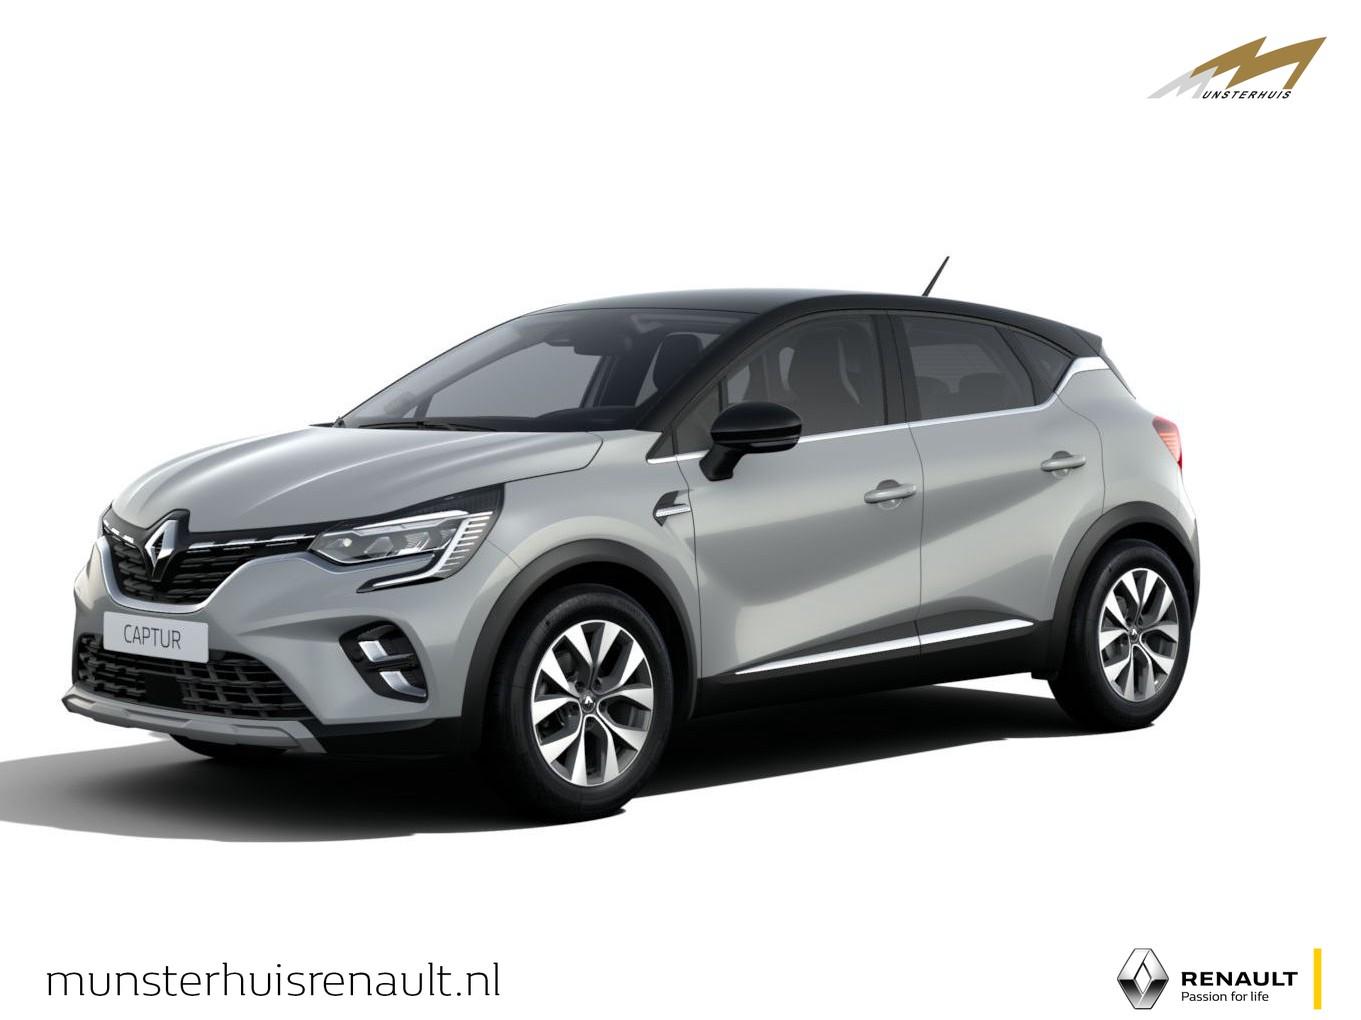 Renault Captur Tce 100 bi-fuel intens - nieuw - lpg installatie